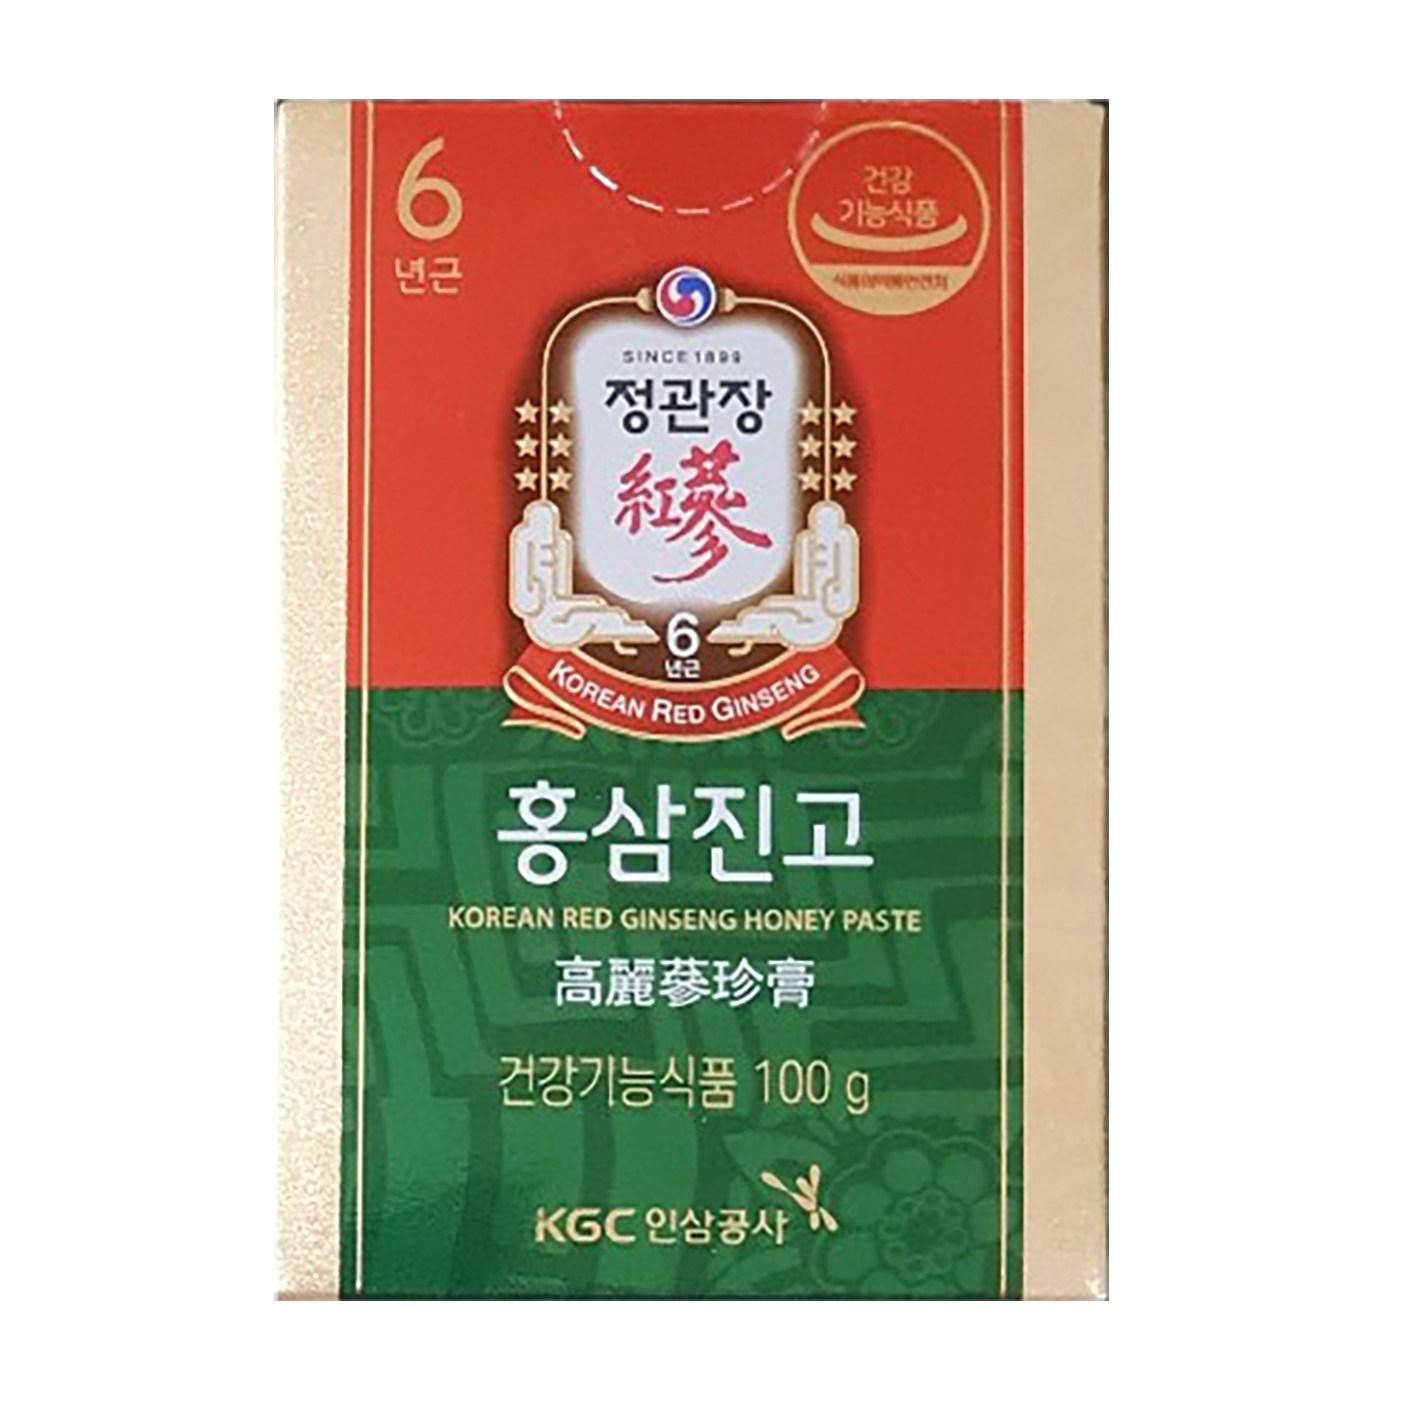 정관장 홍삼진고 100g, 2병, 상세 설명 참조